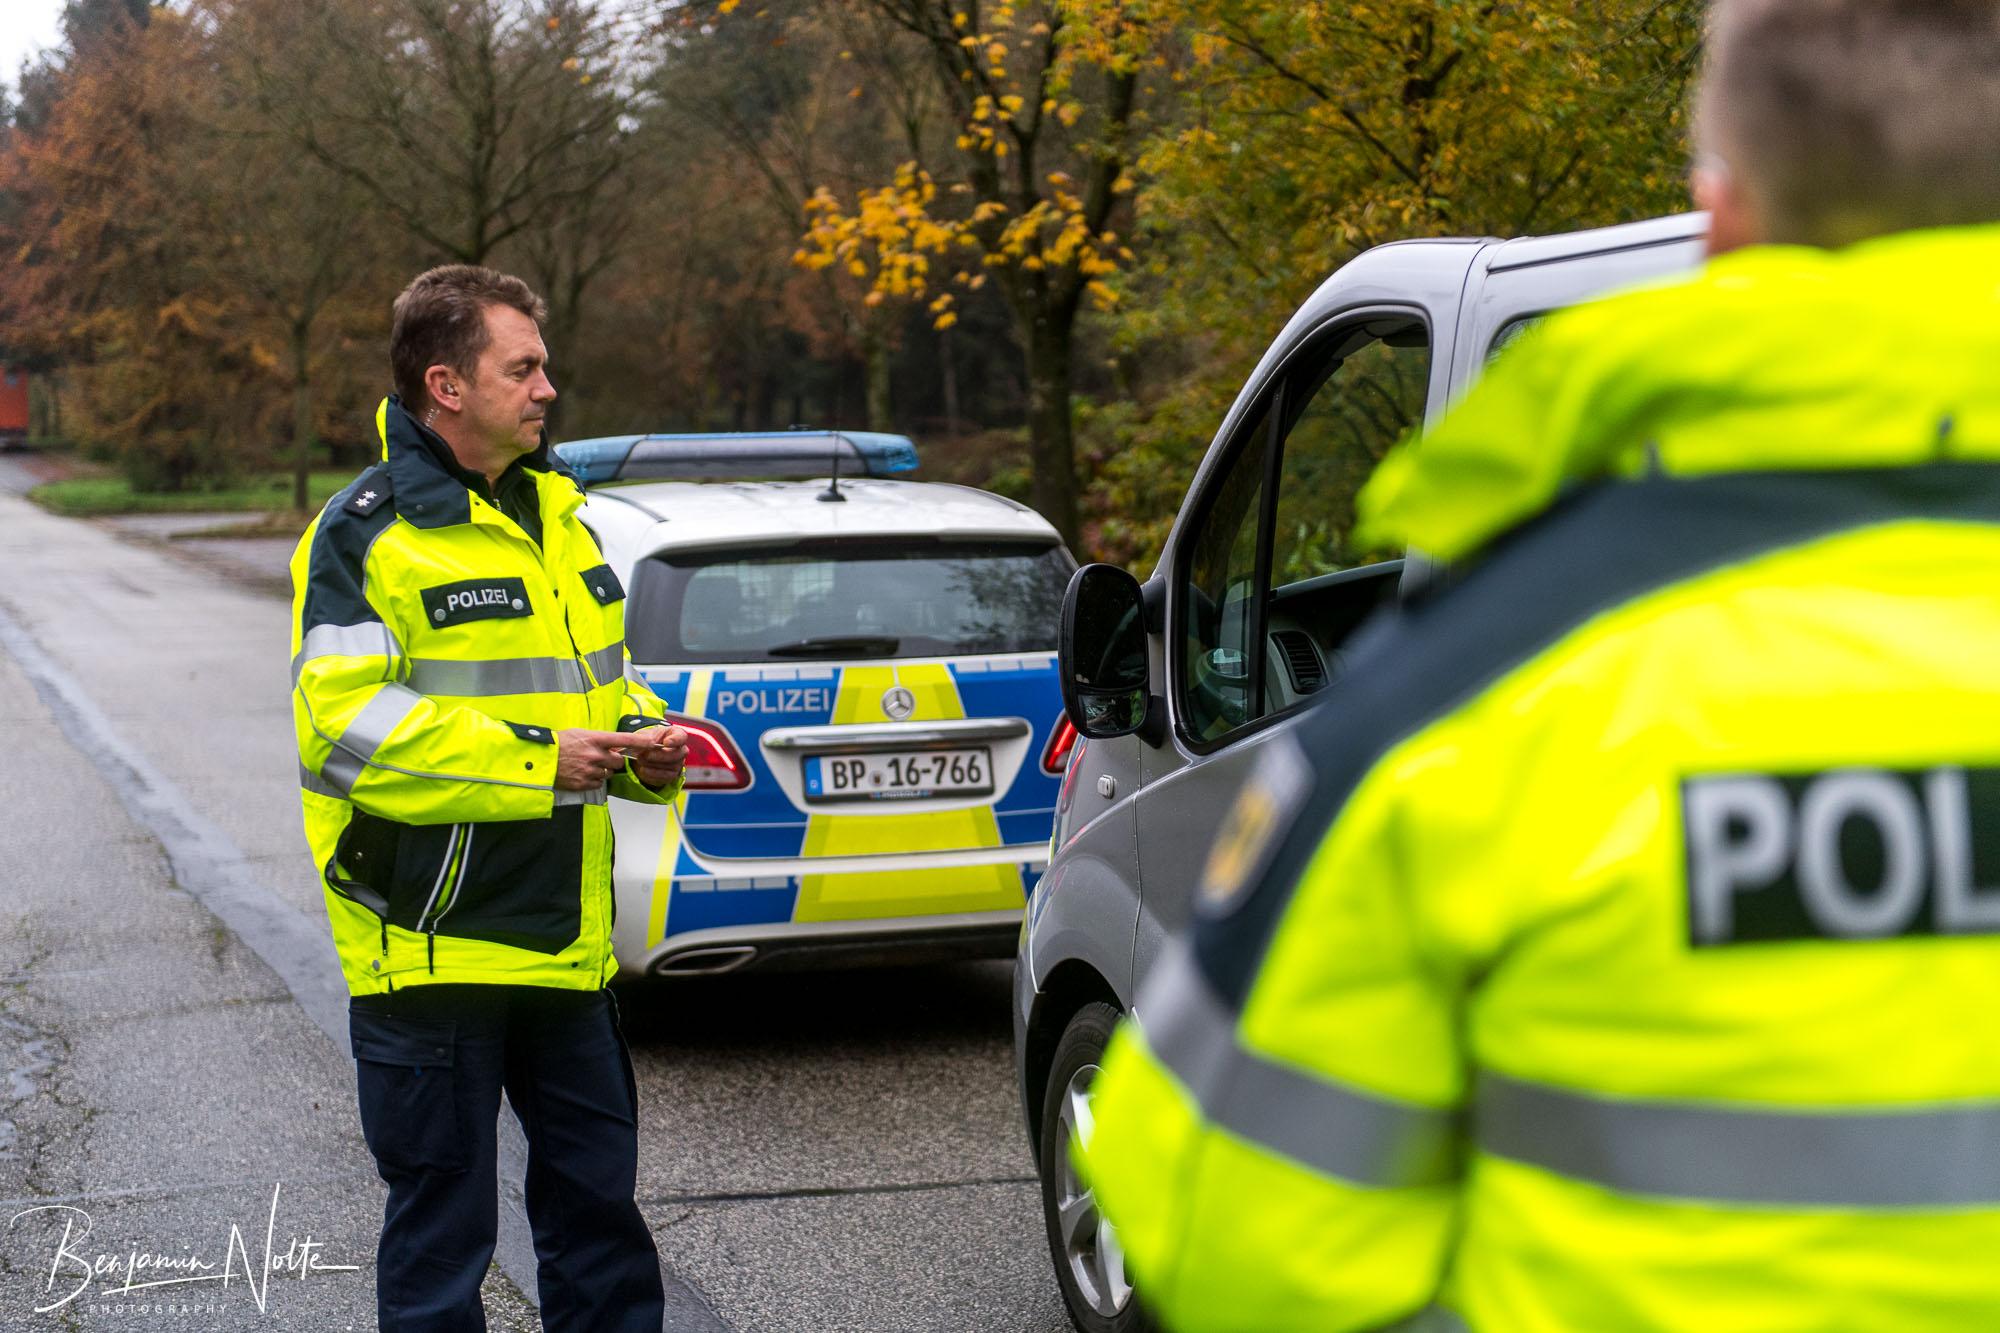 Bundespolizei_Flensburg_021